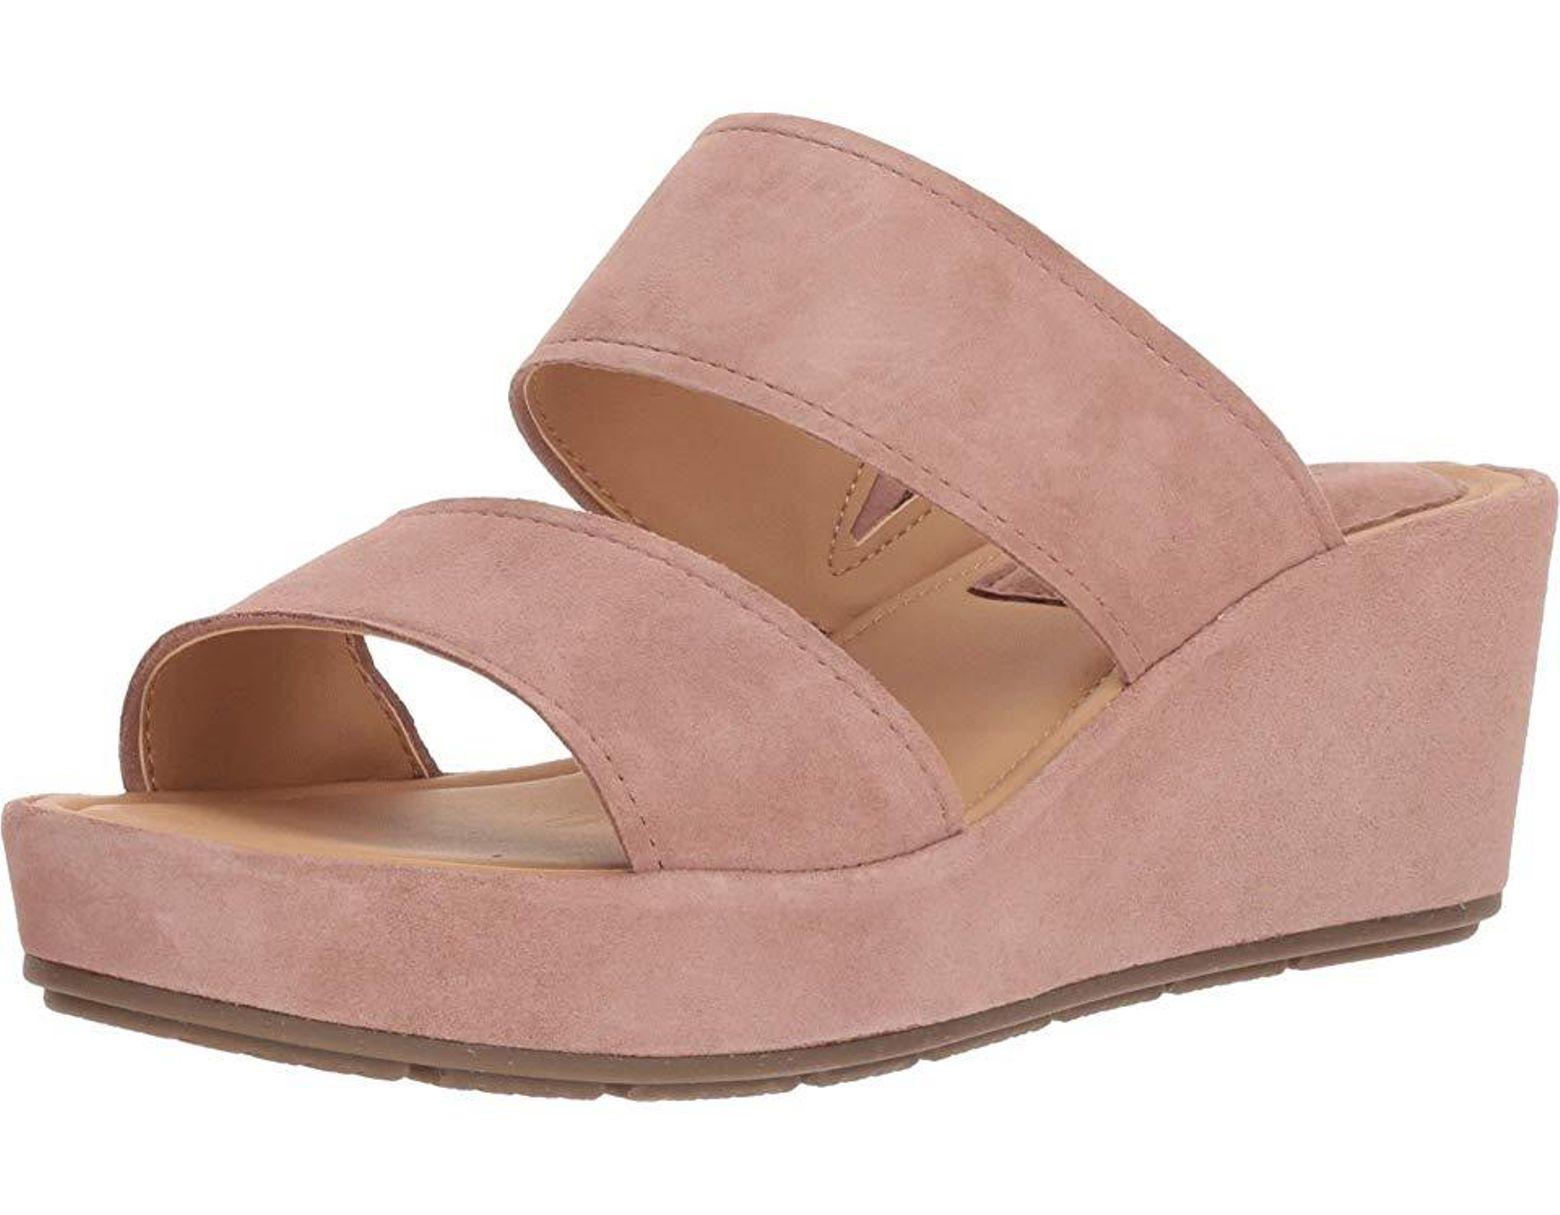 Pink Lyst In Sandals Me Too SuedeDress Albanyrose Kid u3TFKlc1J